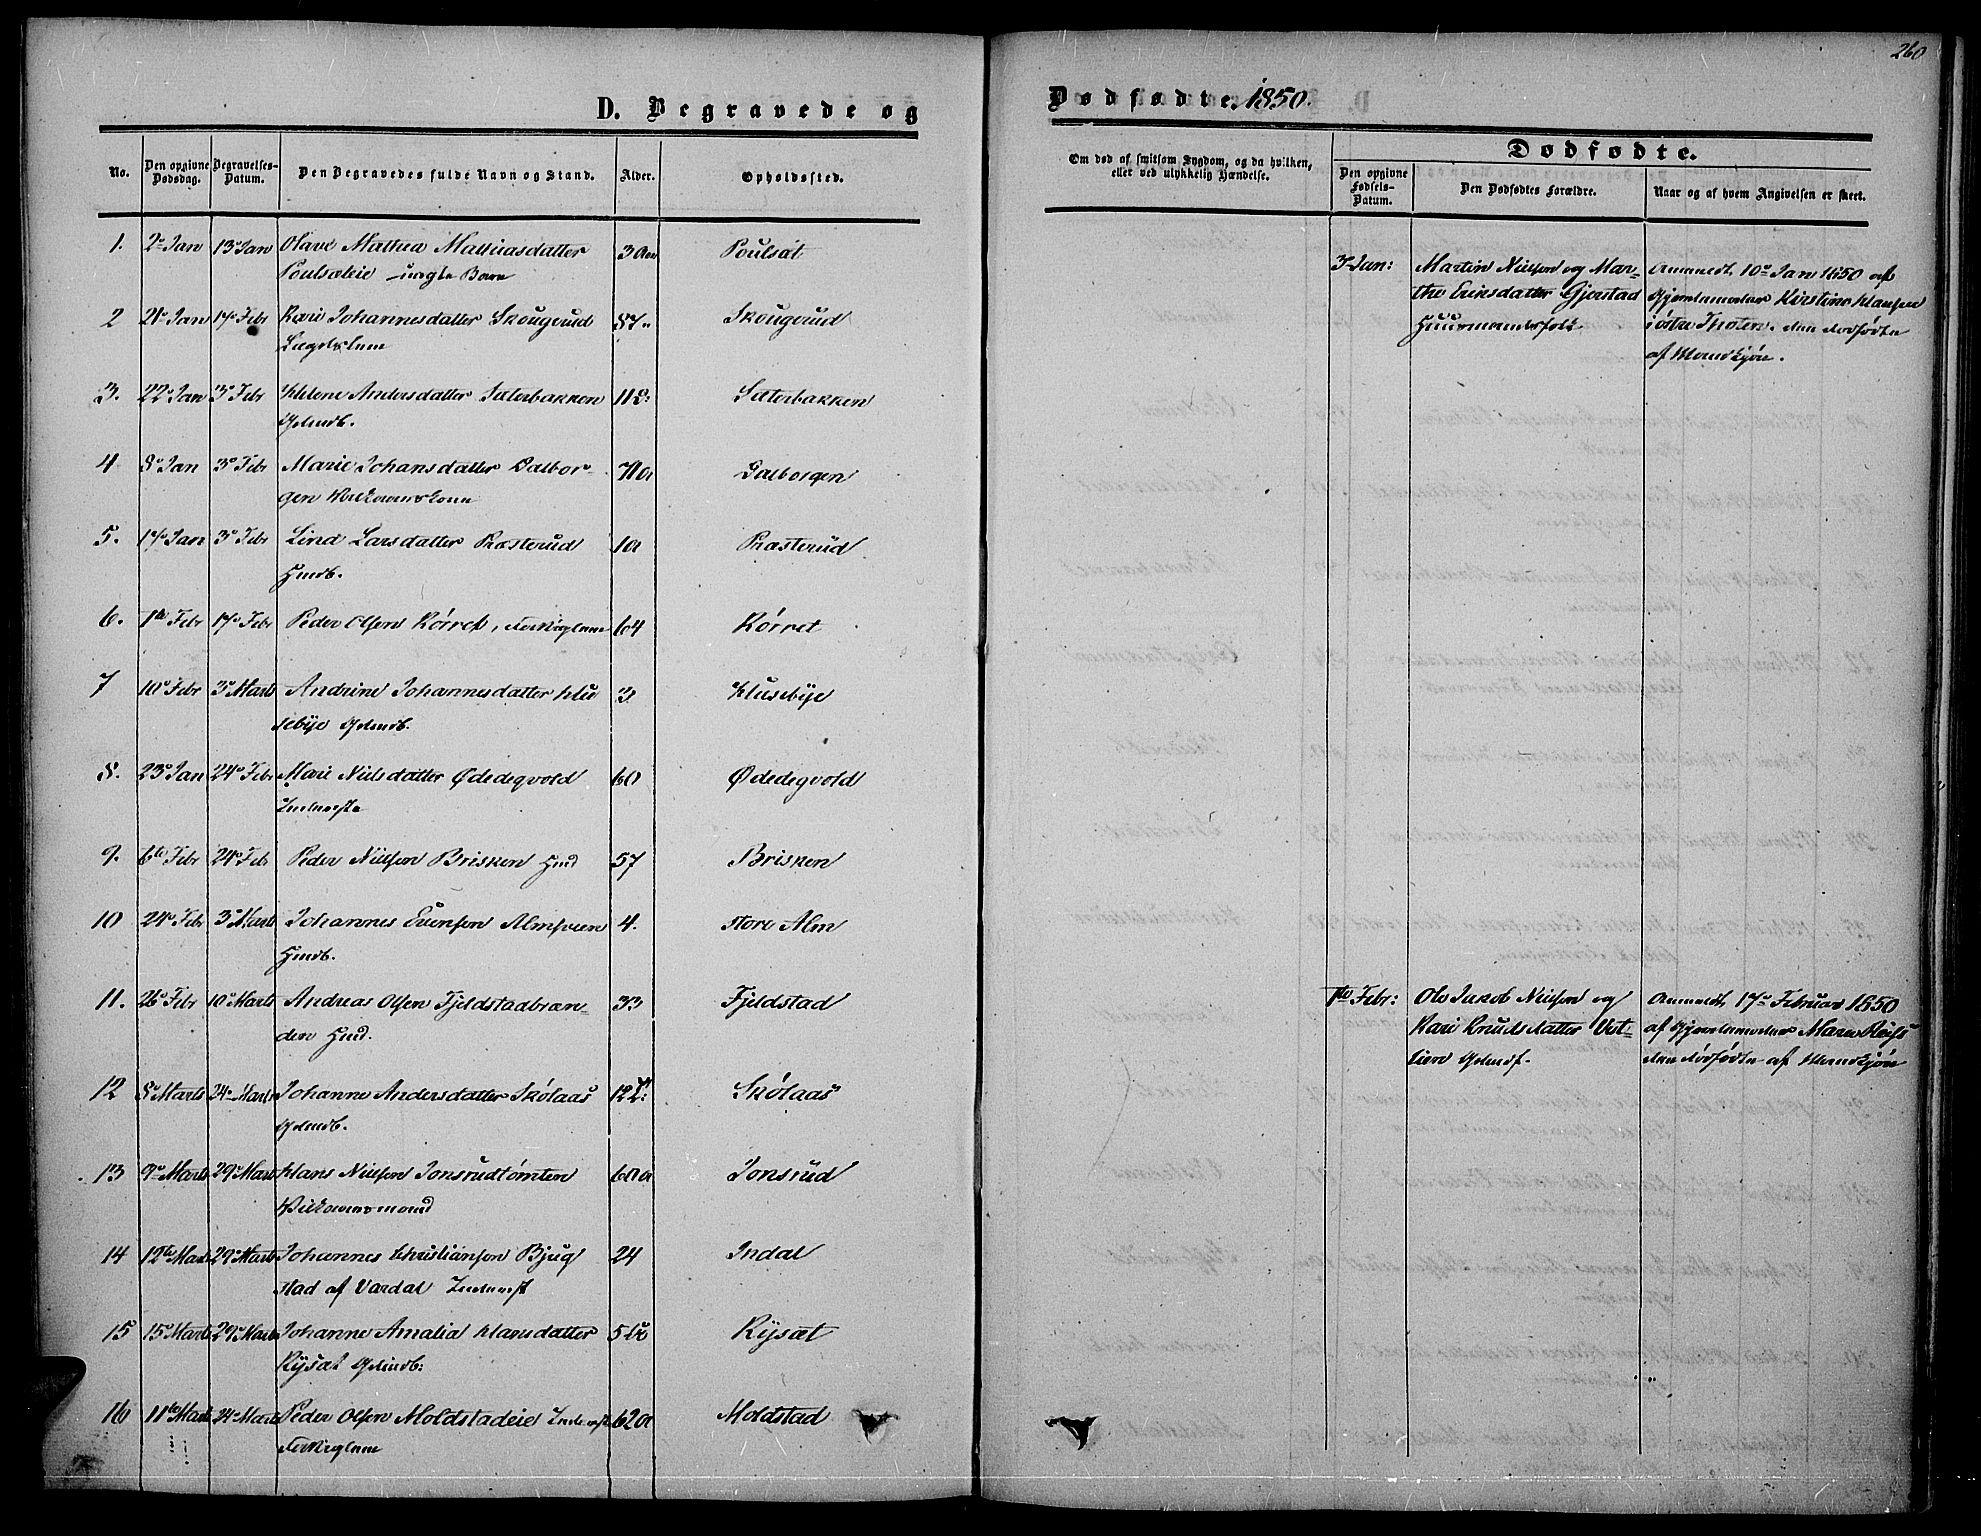 SAH, Vestre Toten prestekontor, Ministerialbok nr. 5, 1850-1855, s. 260